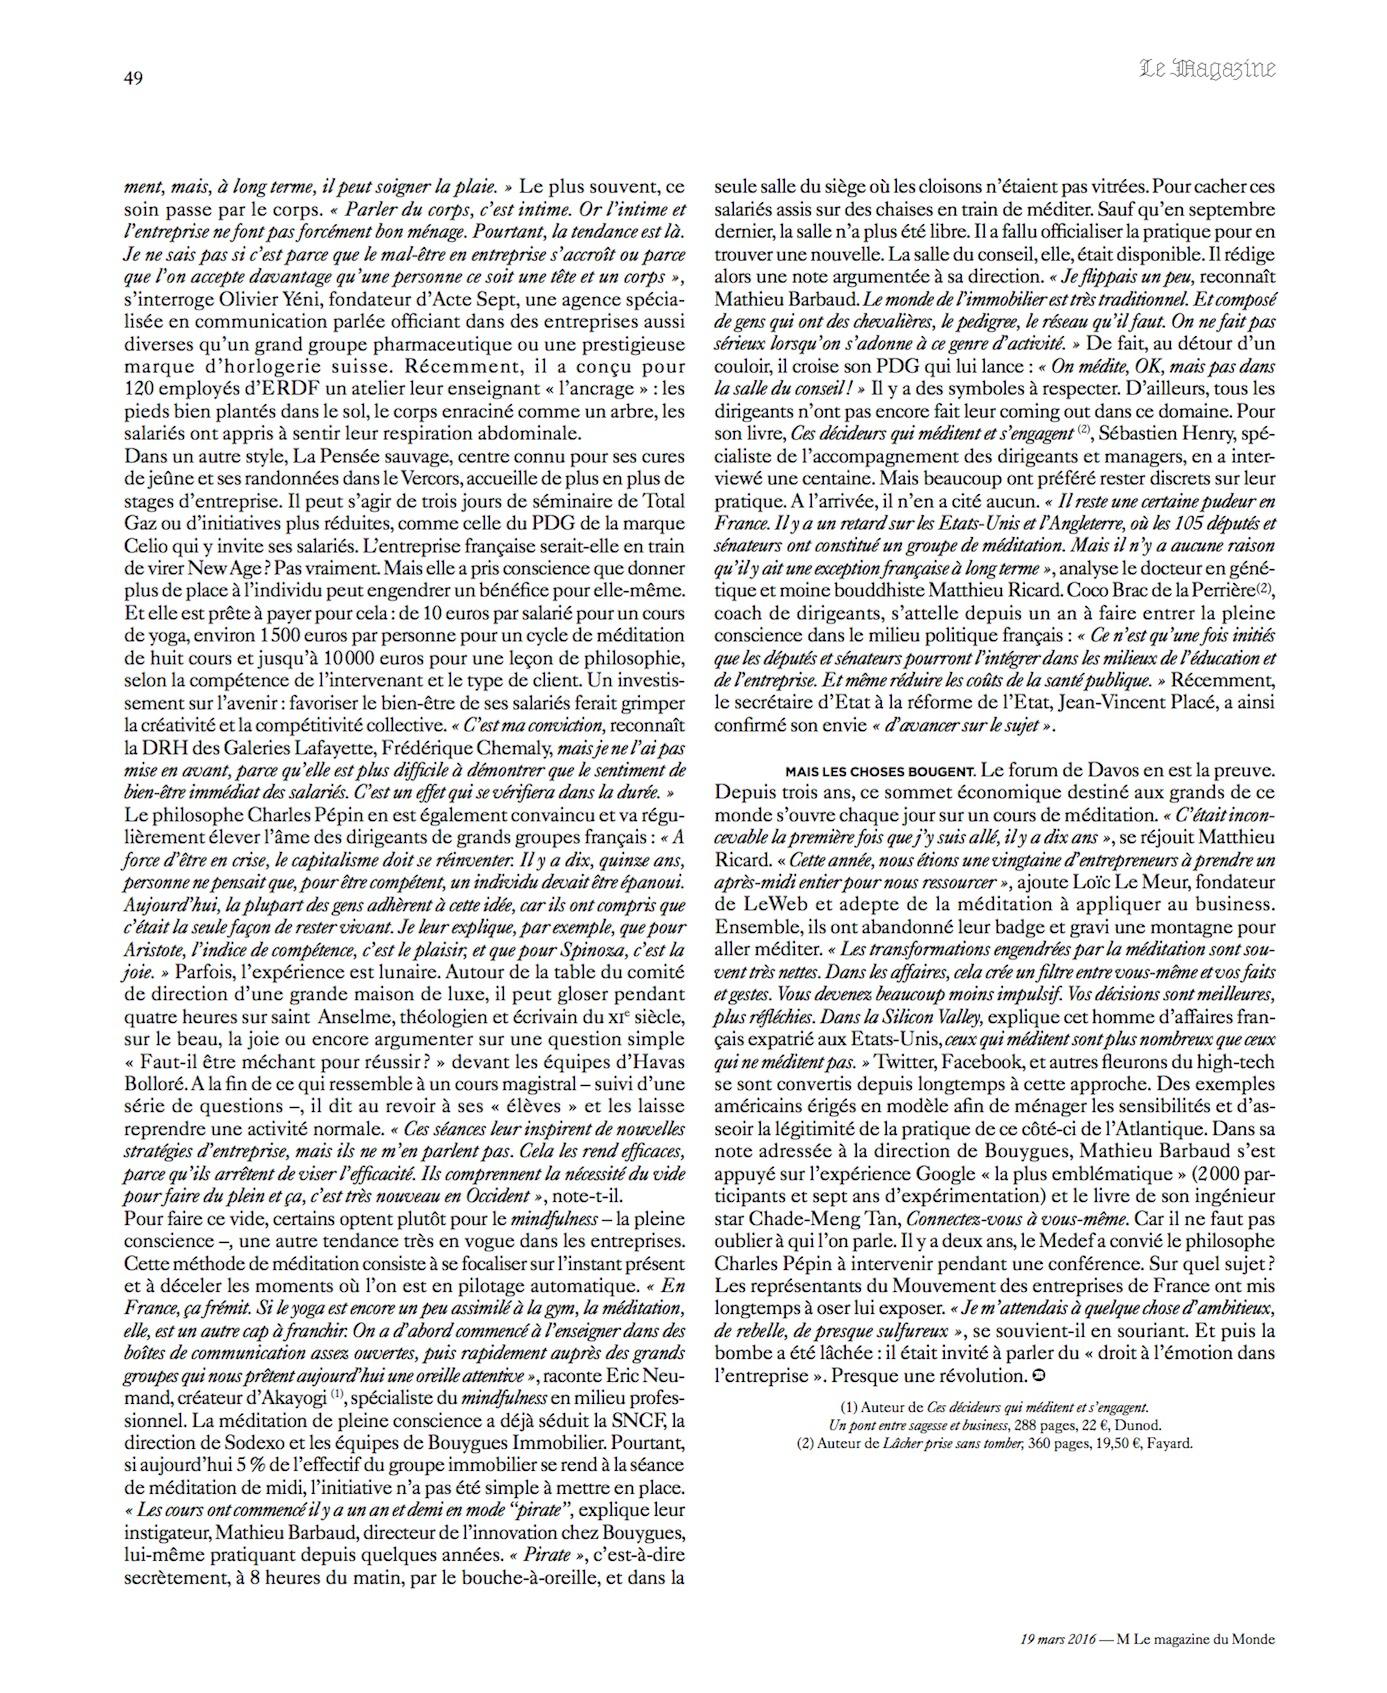 M Le Monde, page 2